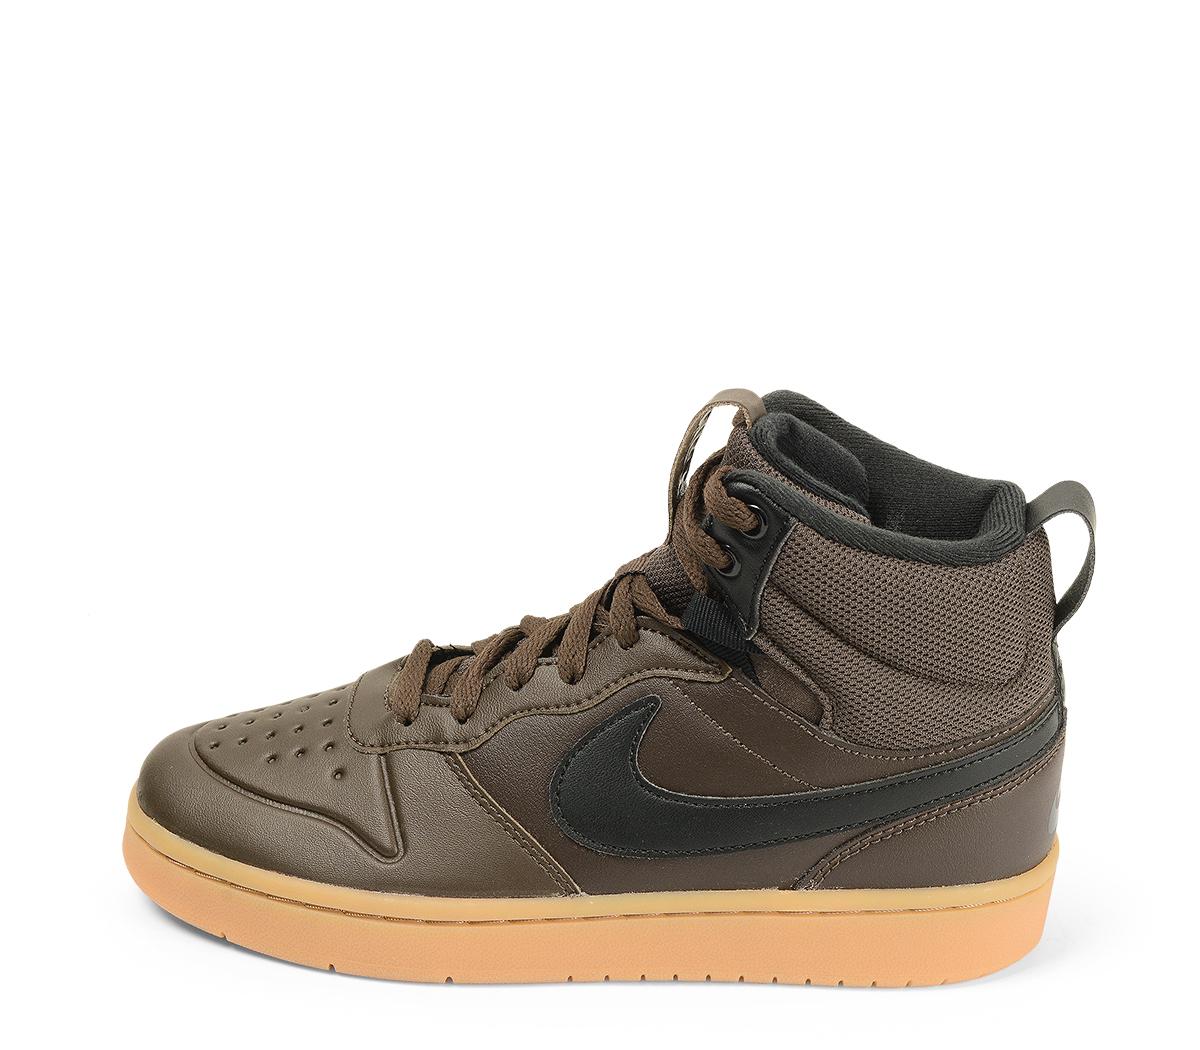 Ref. 4555 Nike de botín en piel negra y cordones al tono. Simbolo en color negro.